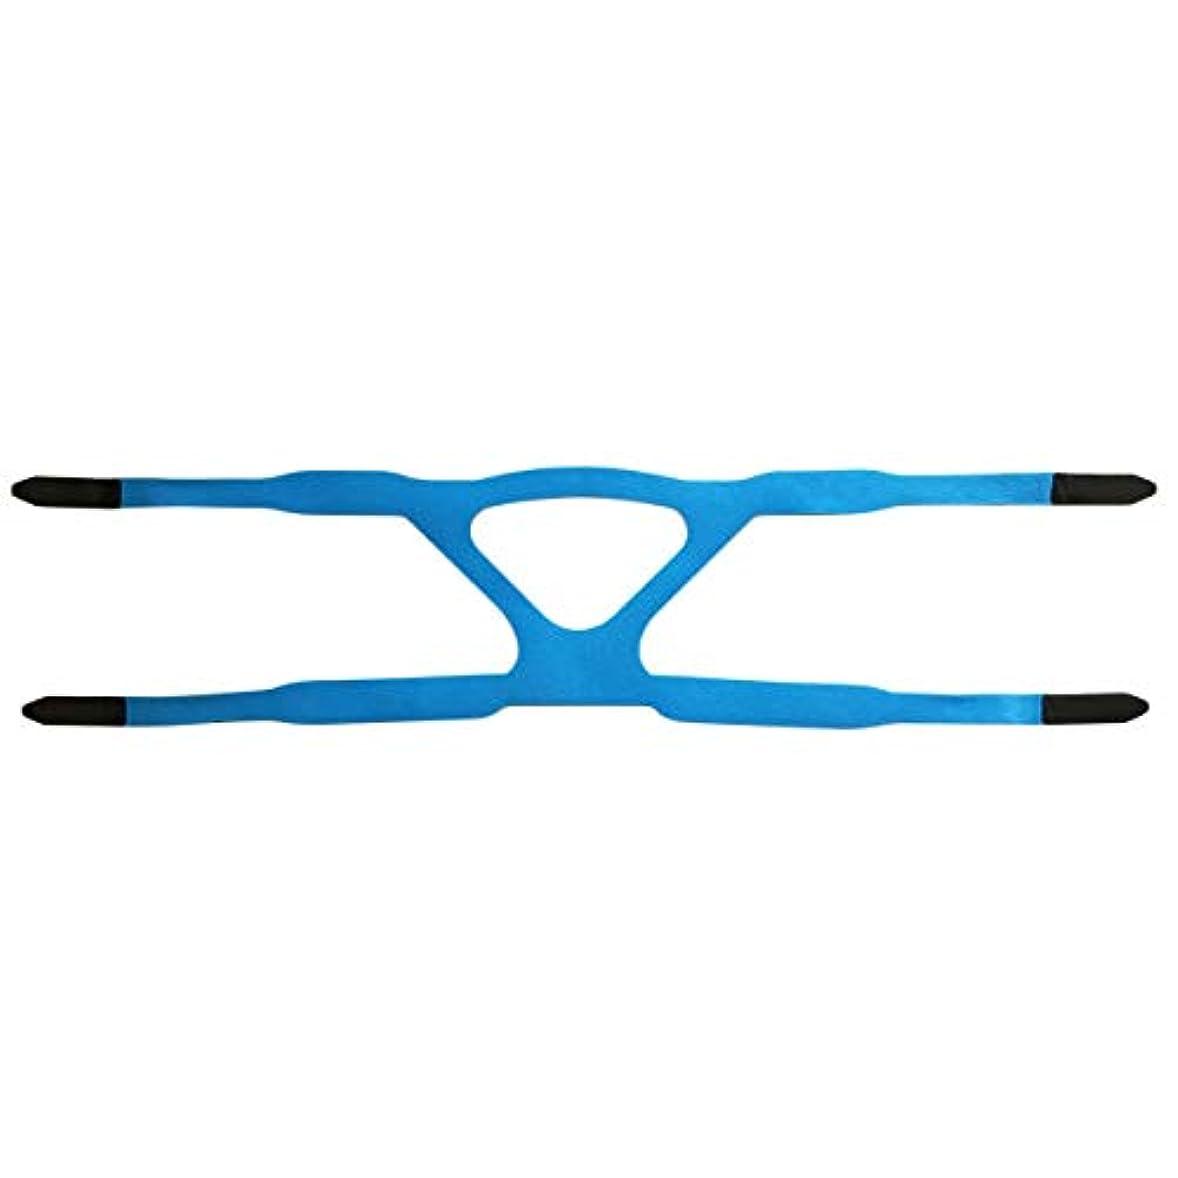 姓色アマチュアユニバーサルヘッドギアコンフォートジェルフルマスク安全な環境置換CPAPヘッドバンドマスクなしPHILPSに適しています(色:青&グレー)